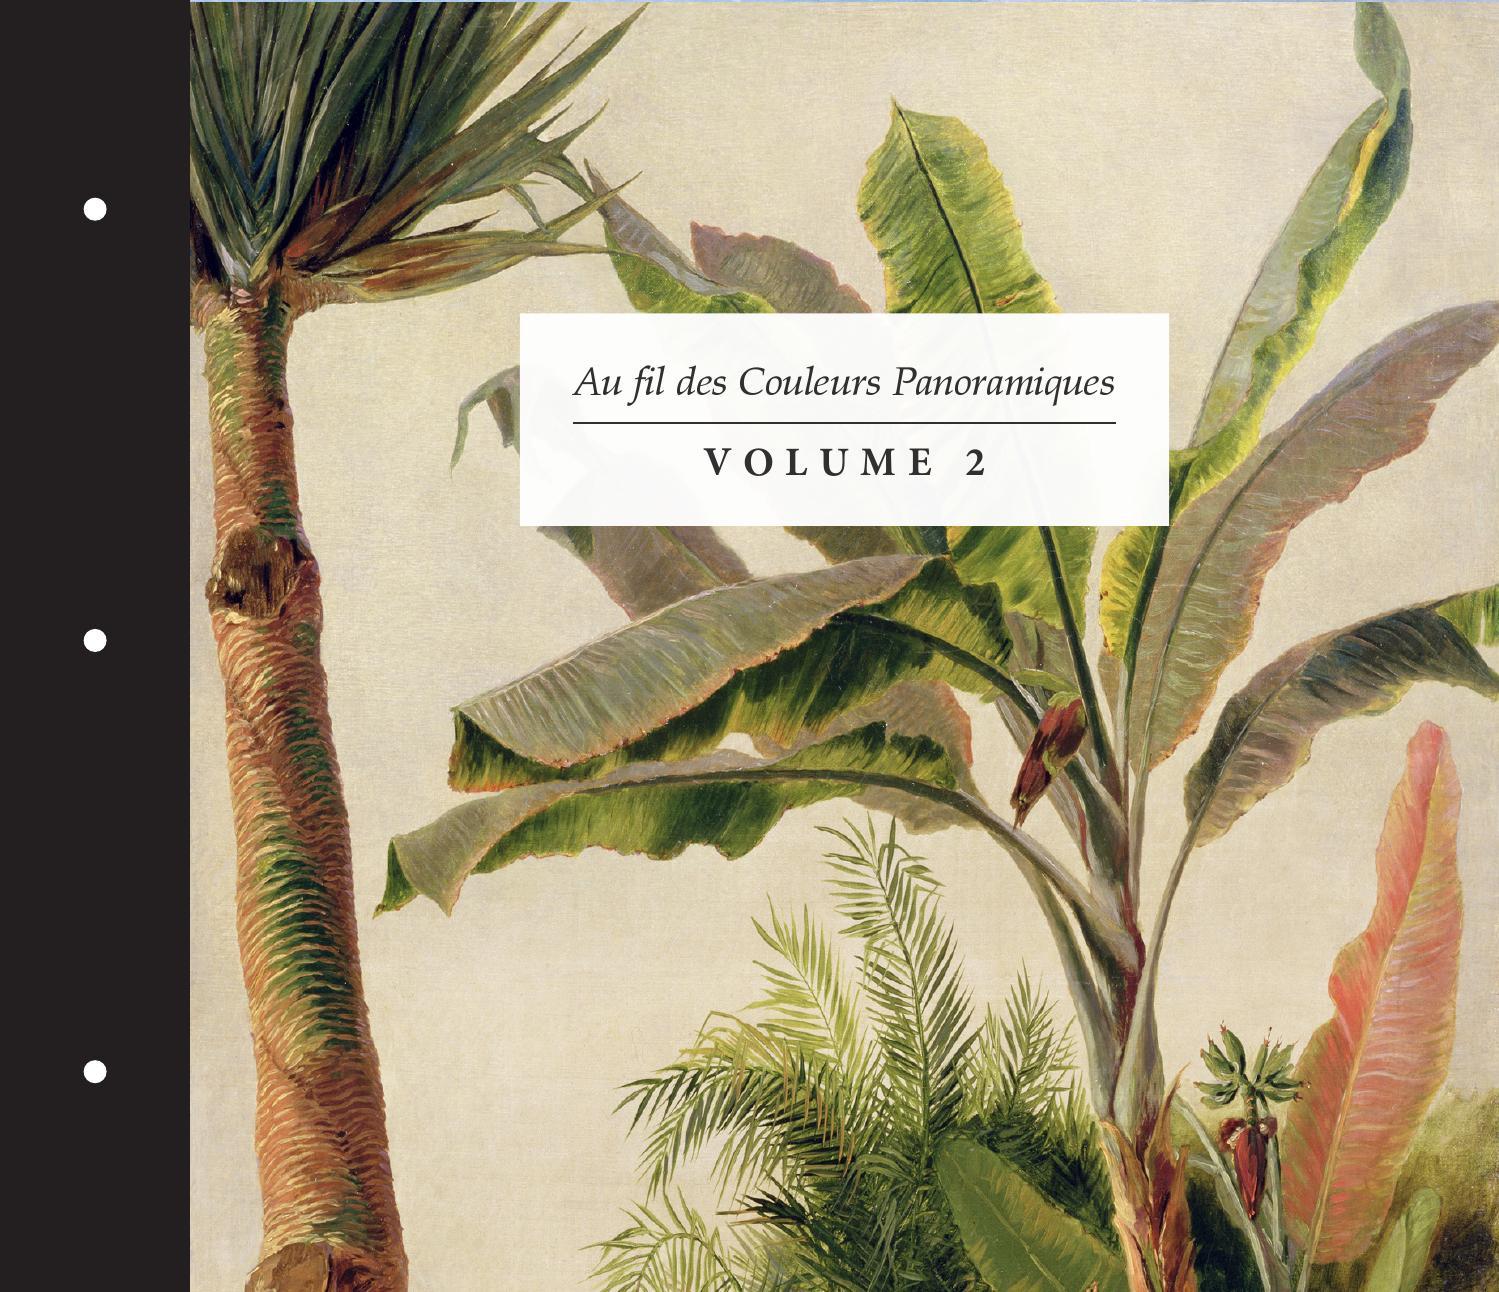 Book au fil des couleurs panoramiques volume 2 by au fil des couleurs issuu for Au fil des couleur